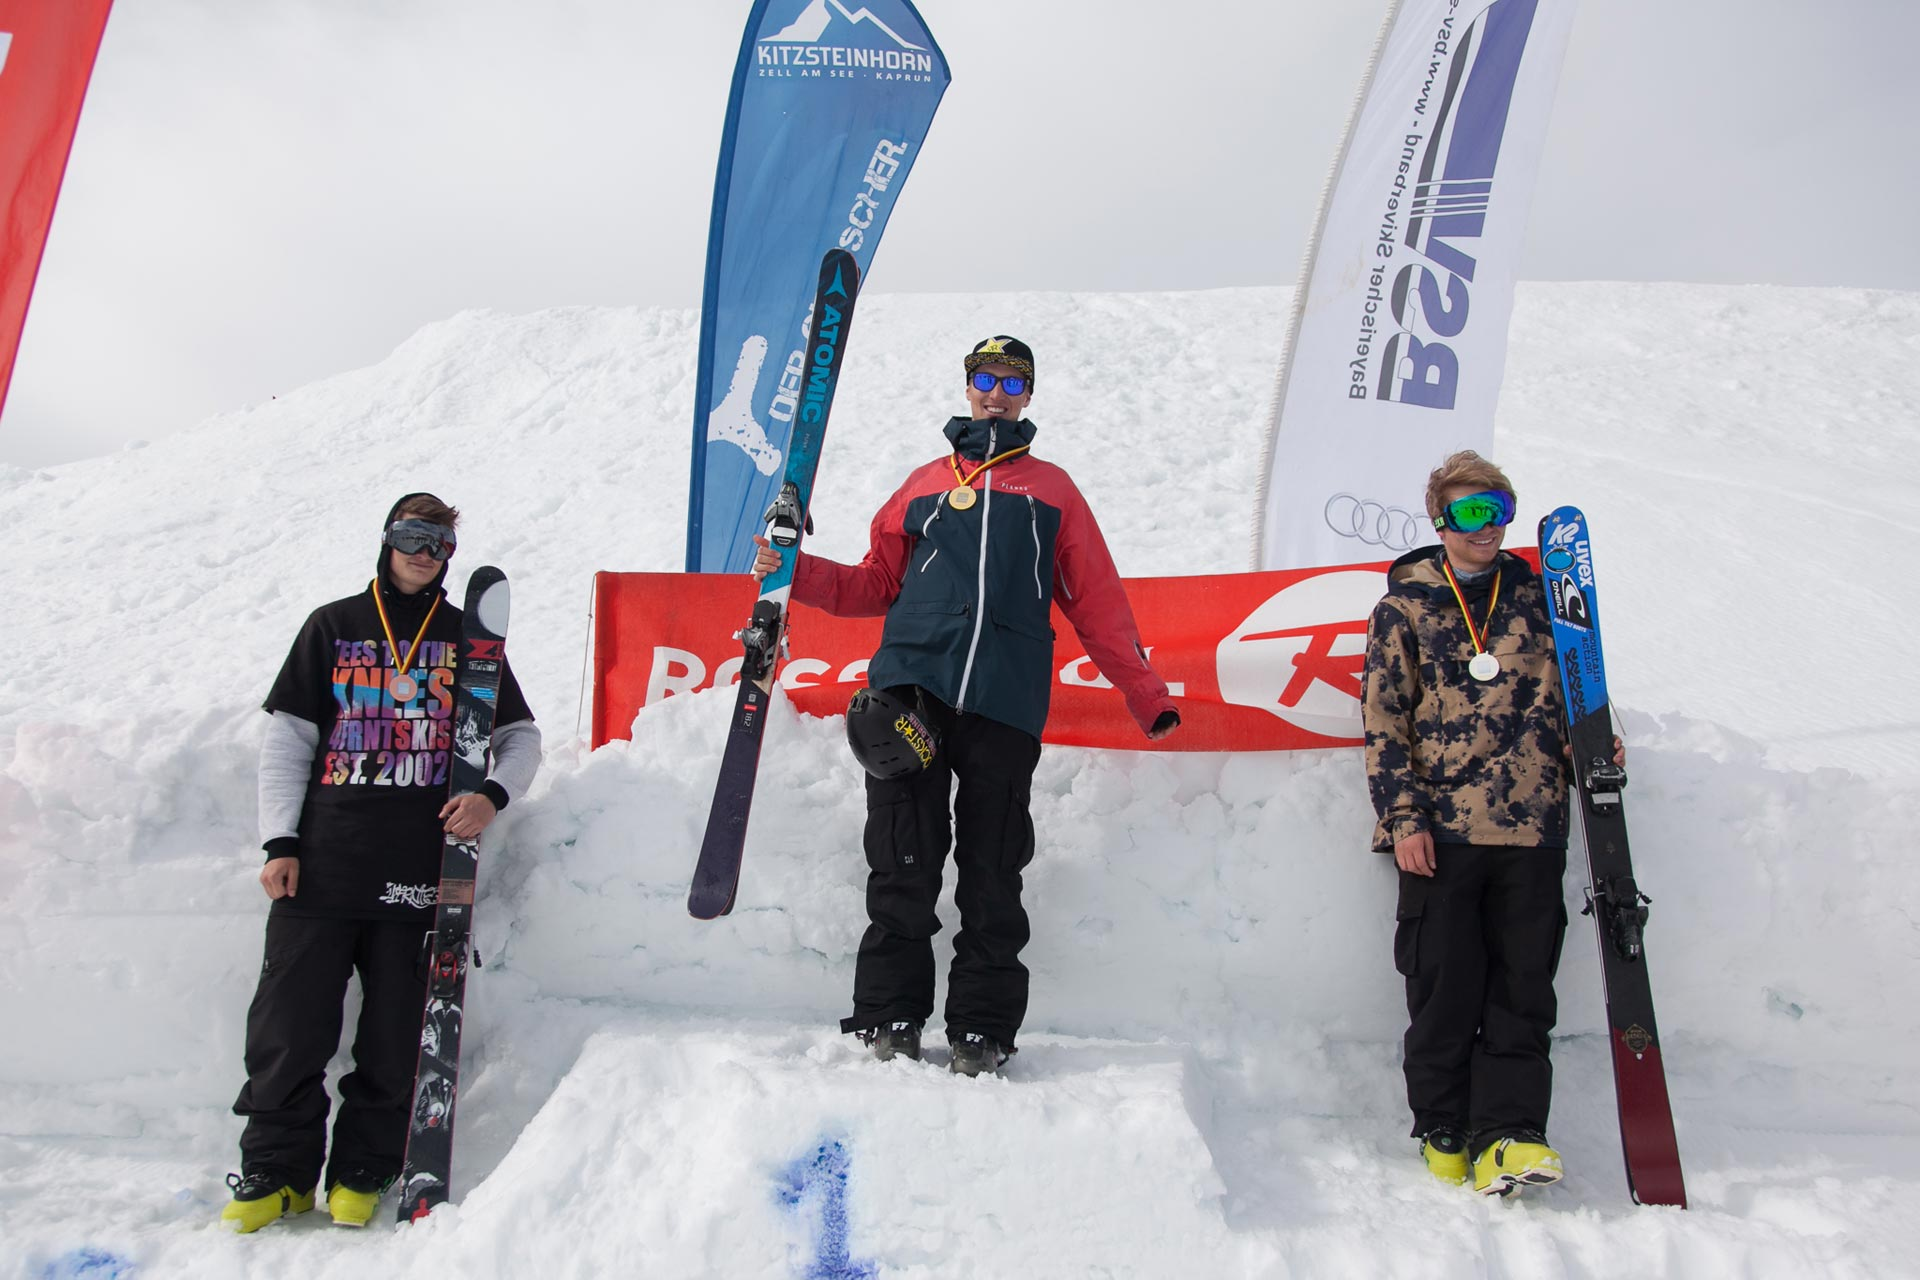 Flo Preiss ist der neue deutsche Meister im Big Air. Der zweite Platz geht an Tobi Müller und der dritte an Rang an Leo Beck.